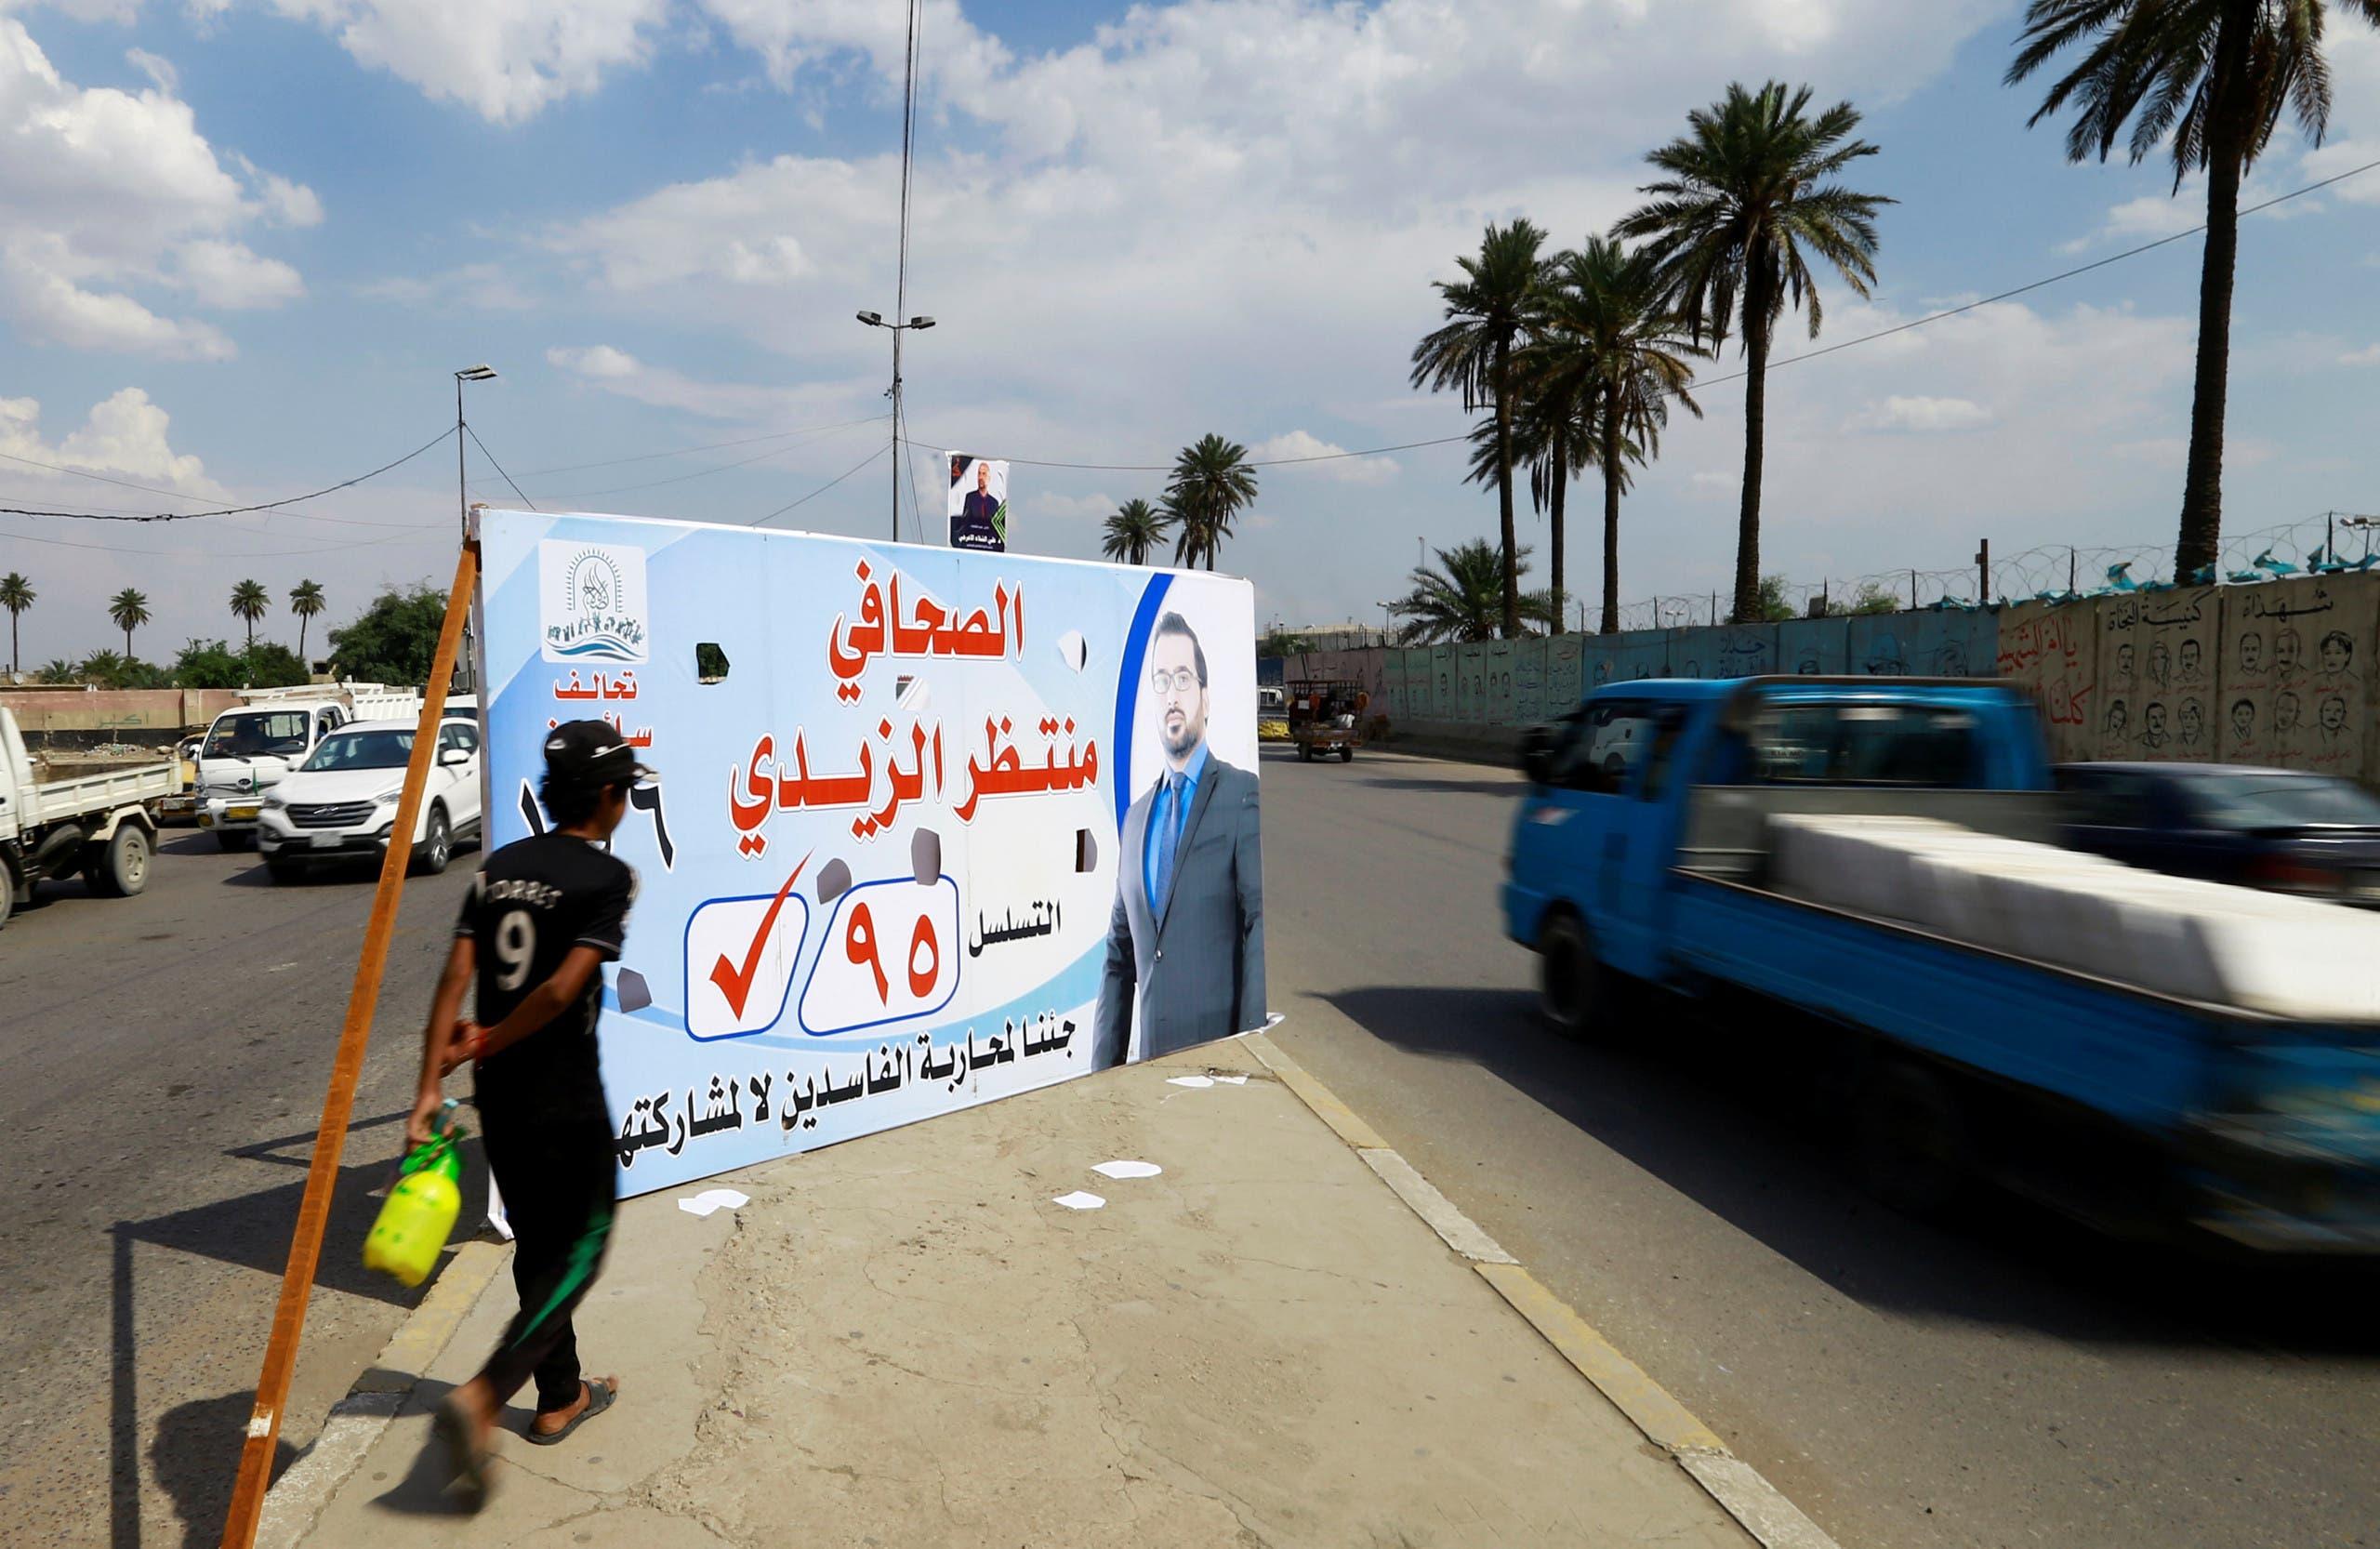 ملصقات انتخابية في العاصمة العراقية بغداد